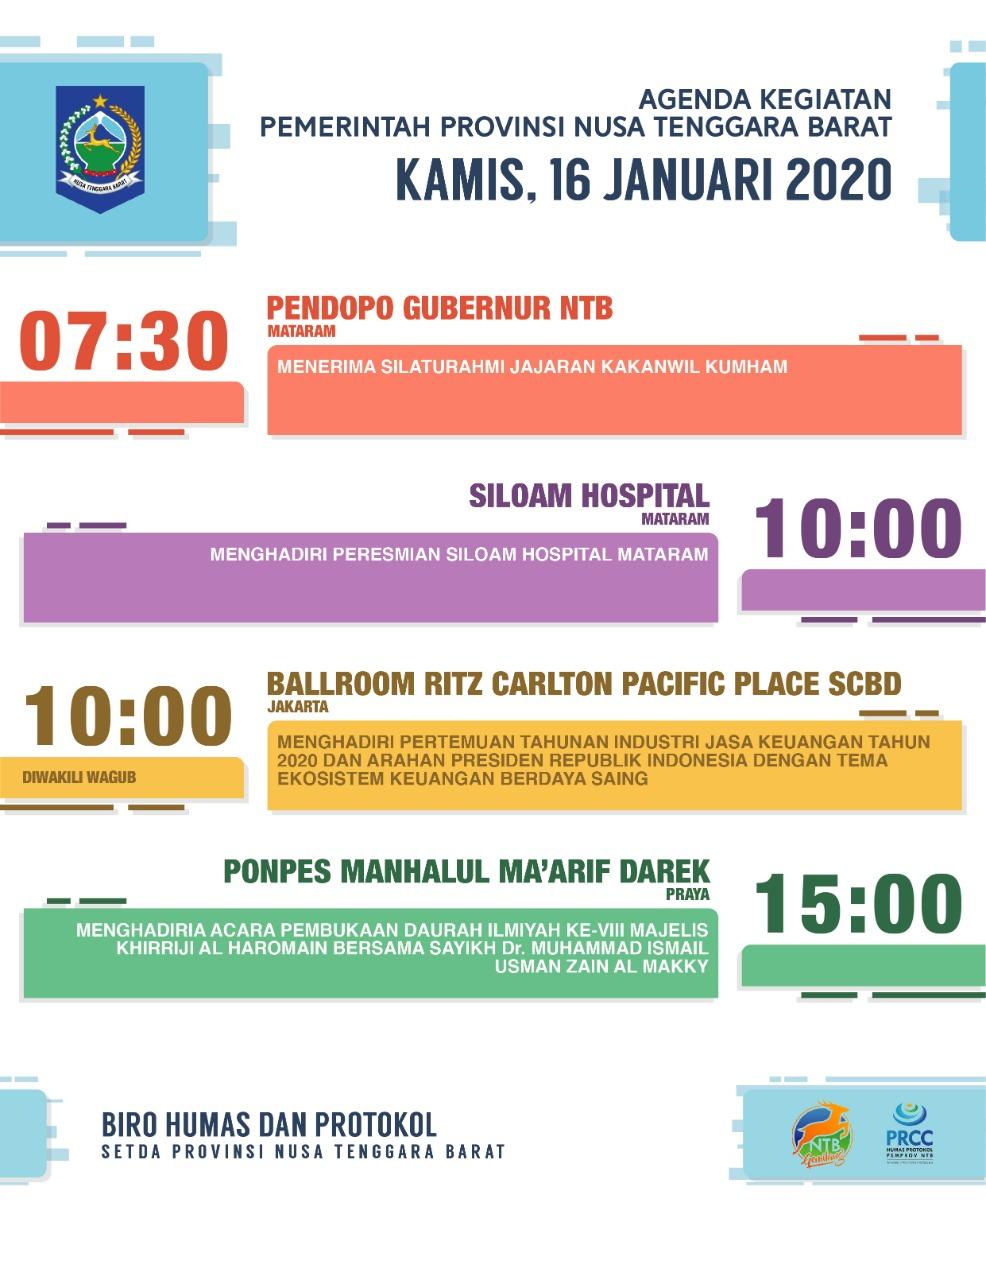 AGENDA KEGIATAN PEMERINTAH PROVINSI NTB, Kamis 16 Januari 2020